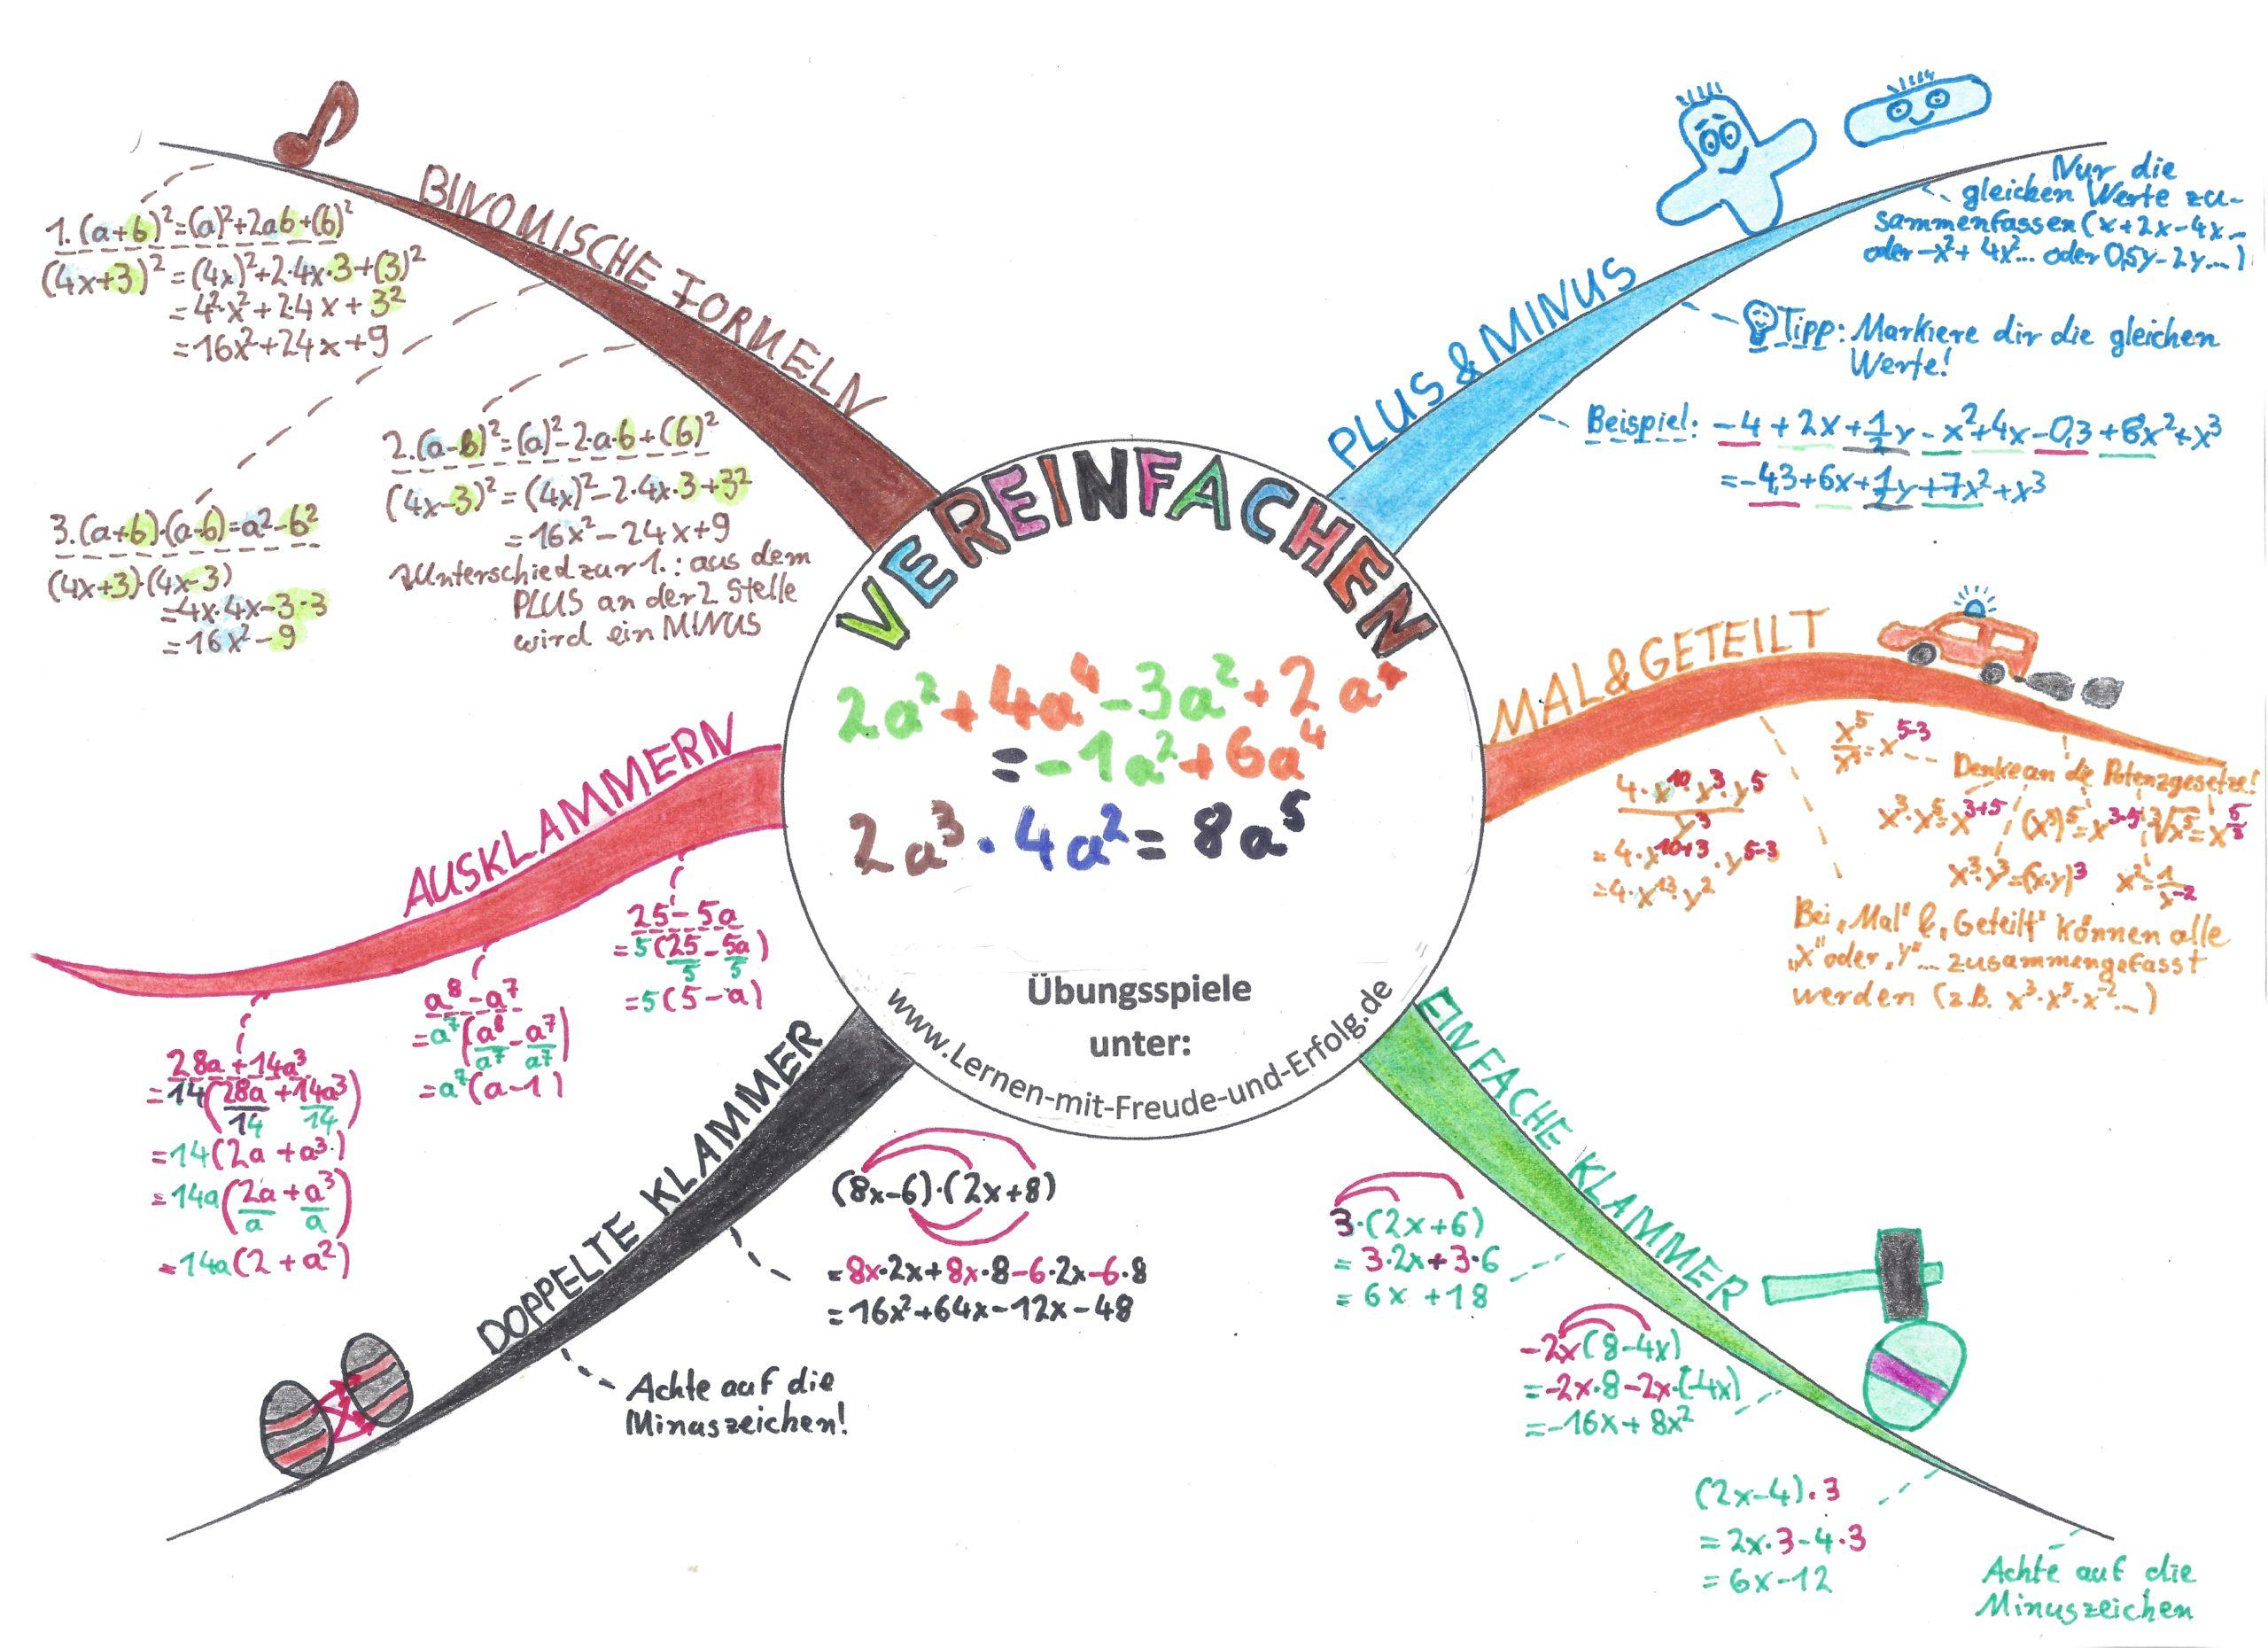 Terme vereinfachen und zusammenfassen: Addition und Subtraktion - Multiplikation und Division - Klammern auflösen - Binomische Formeln